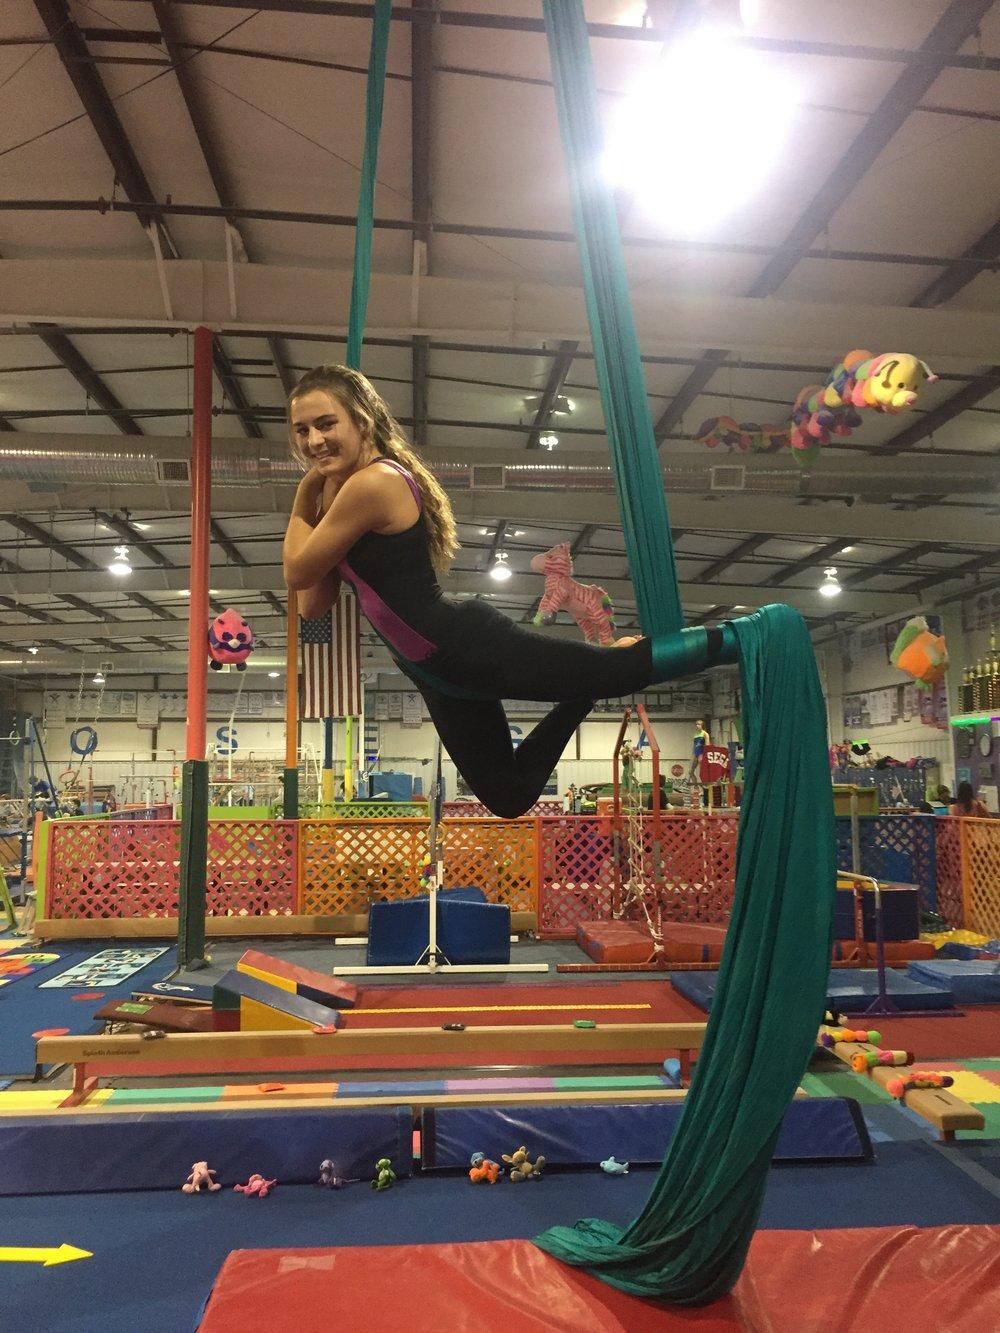 aerial-acrobatics-circus-kids